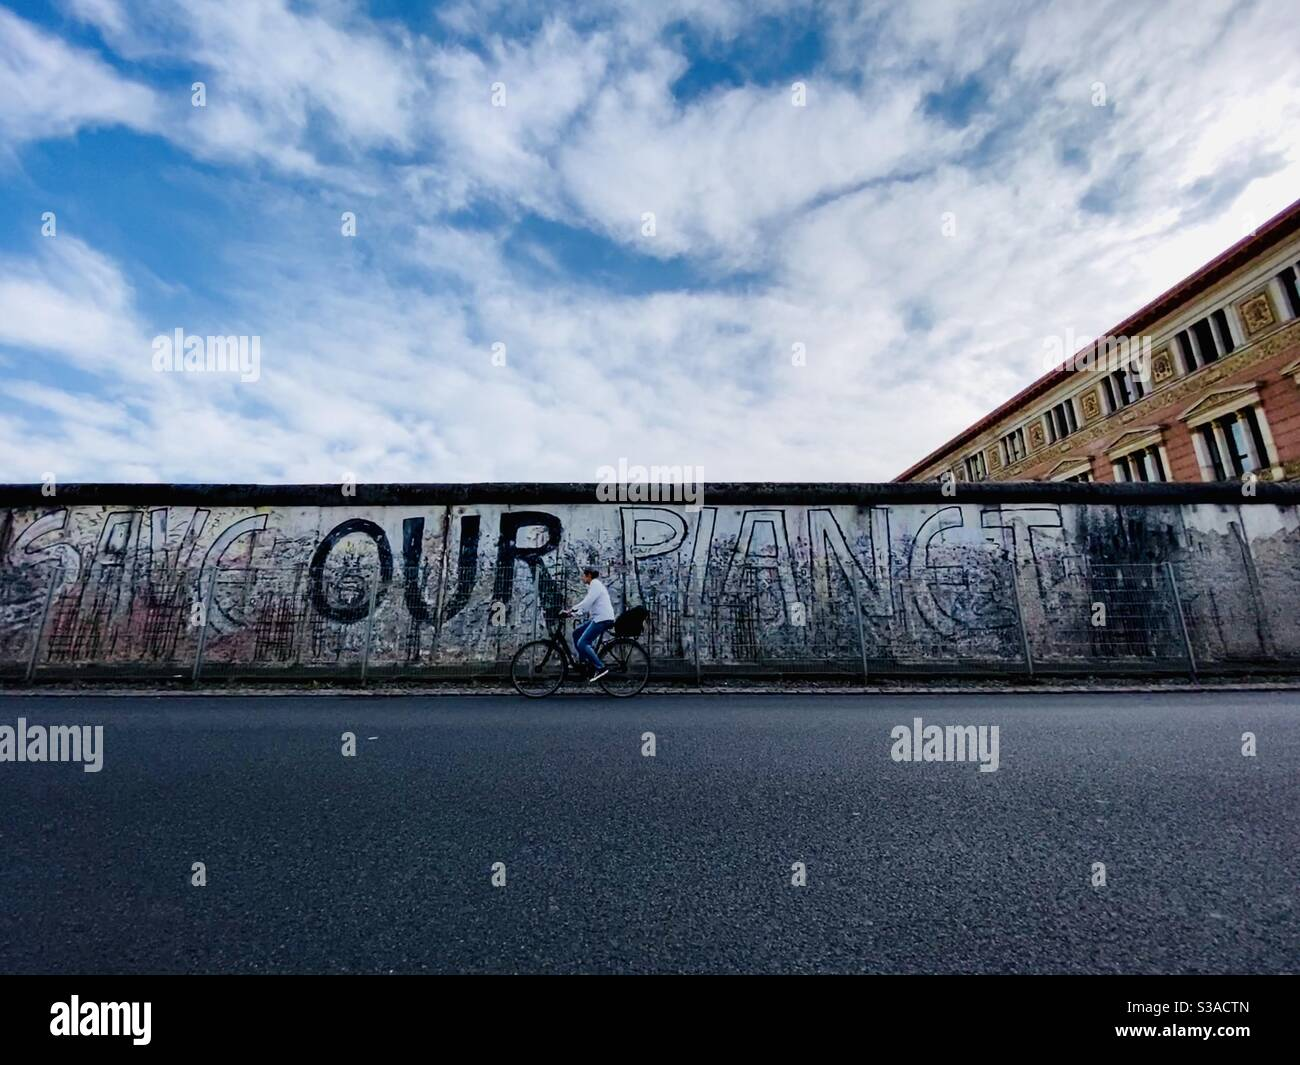 """Una donna guida la sua bicicletta lungo una parte del muro di Berlino che è ancora in su. """"Graffiti sul muro recita """"salvare il pianeta""""."""" Berlino, Germania. Foto Stock"""